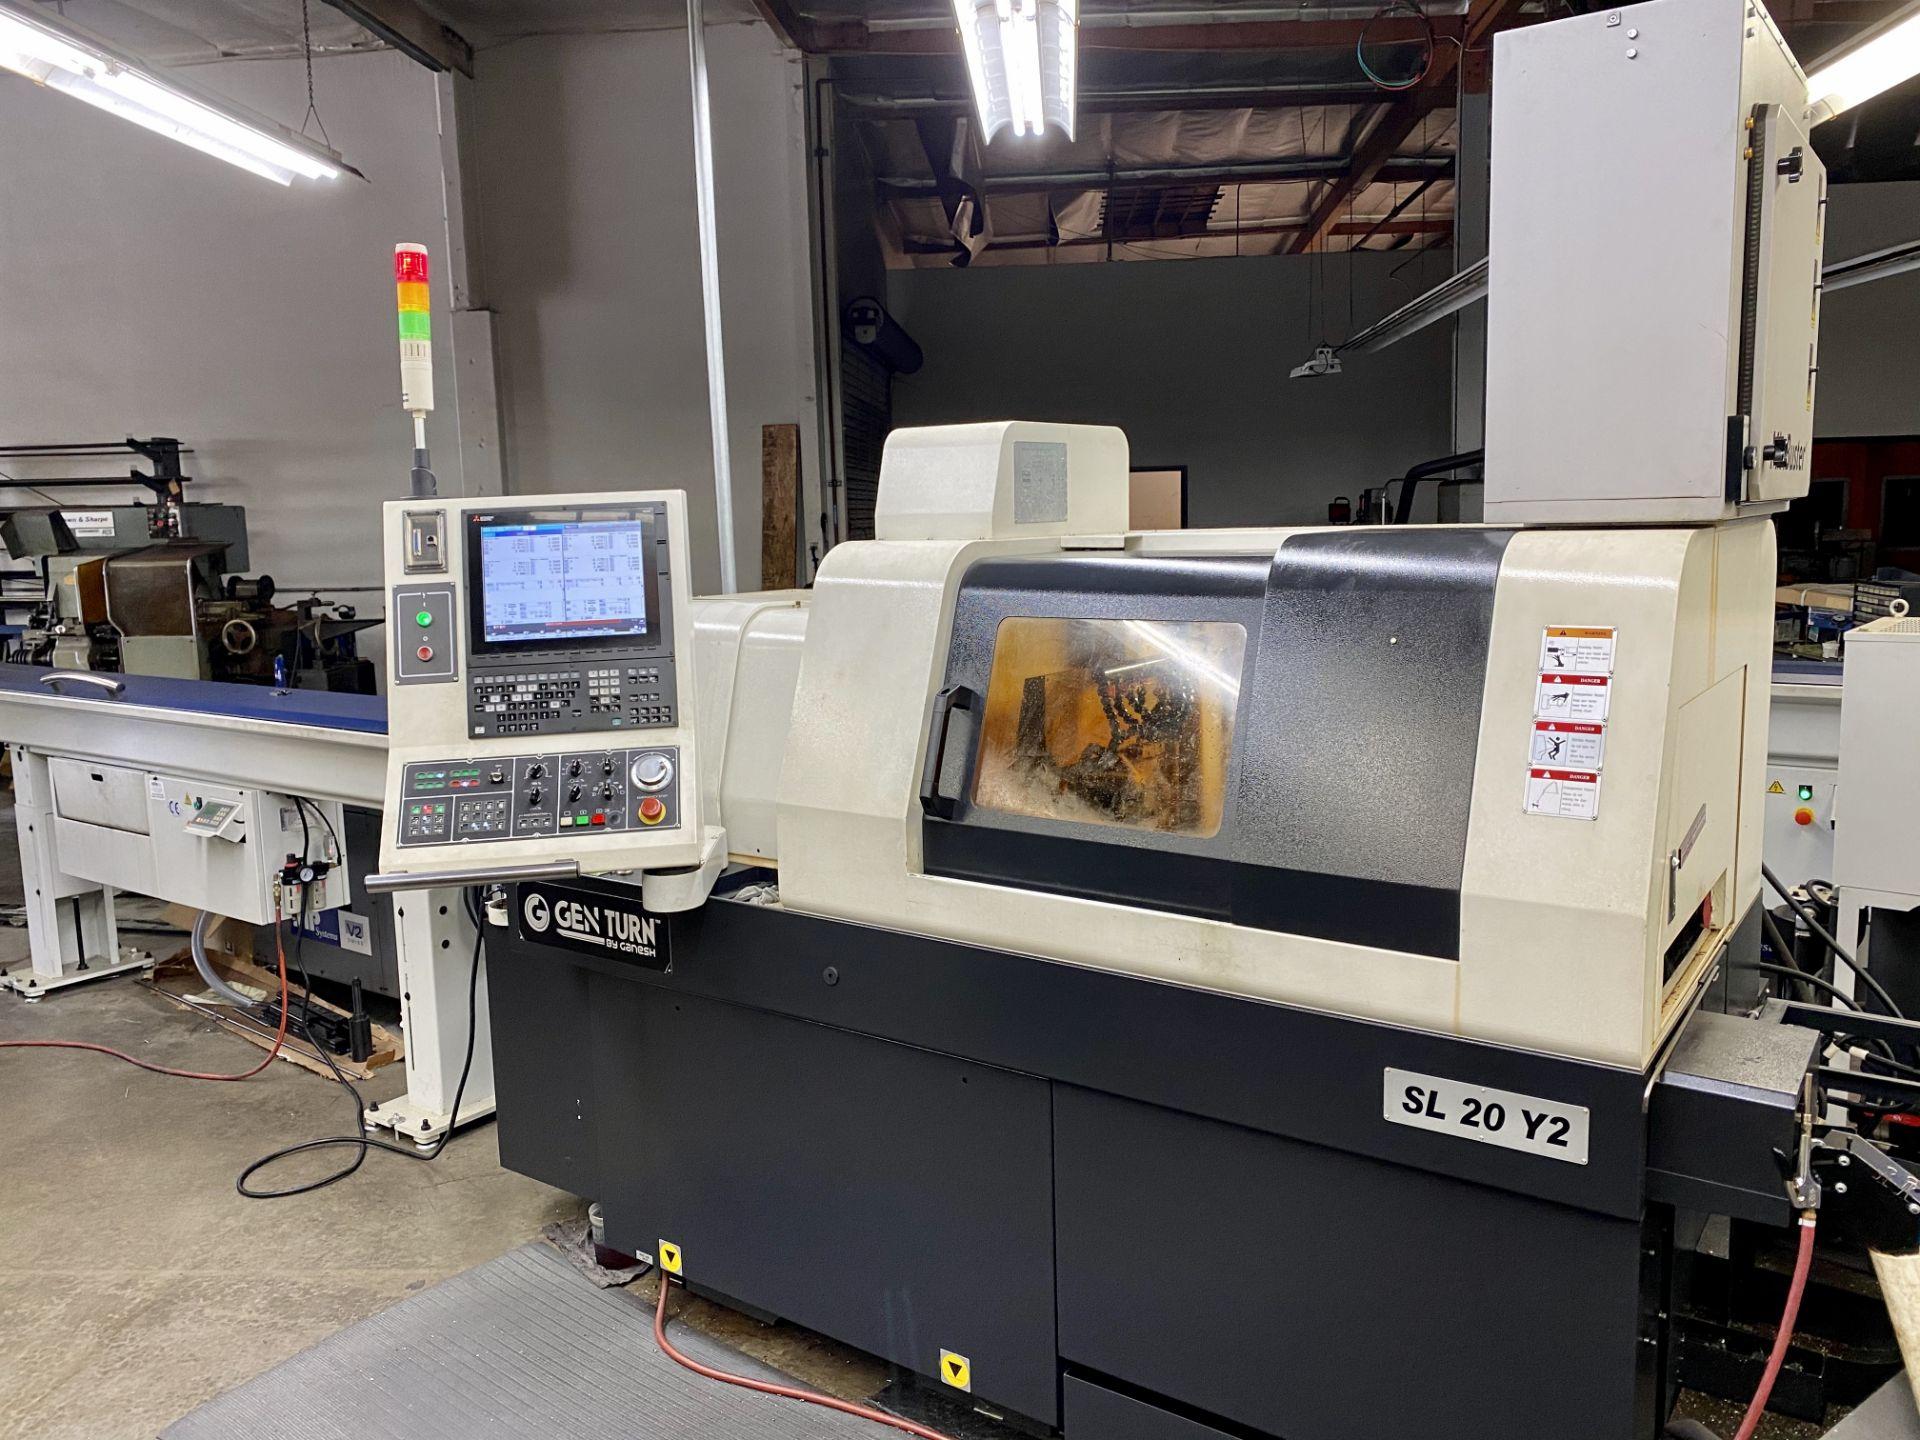 Lot 0A - 2018 GANESH GENTURN SL20Y2, 8-AXIS CNC SWISS TYPE CNC LATHE, S/N 0306